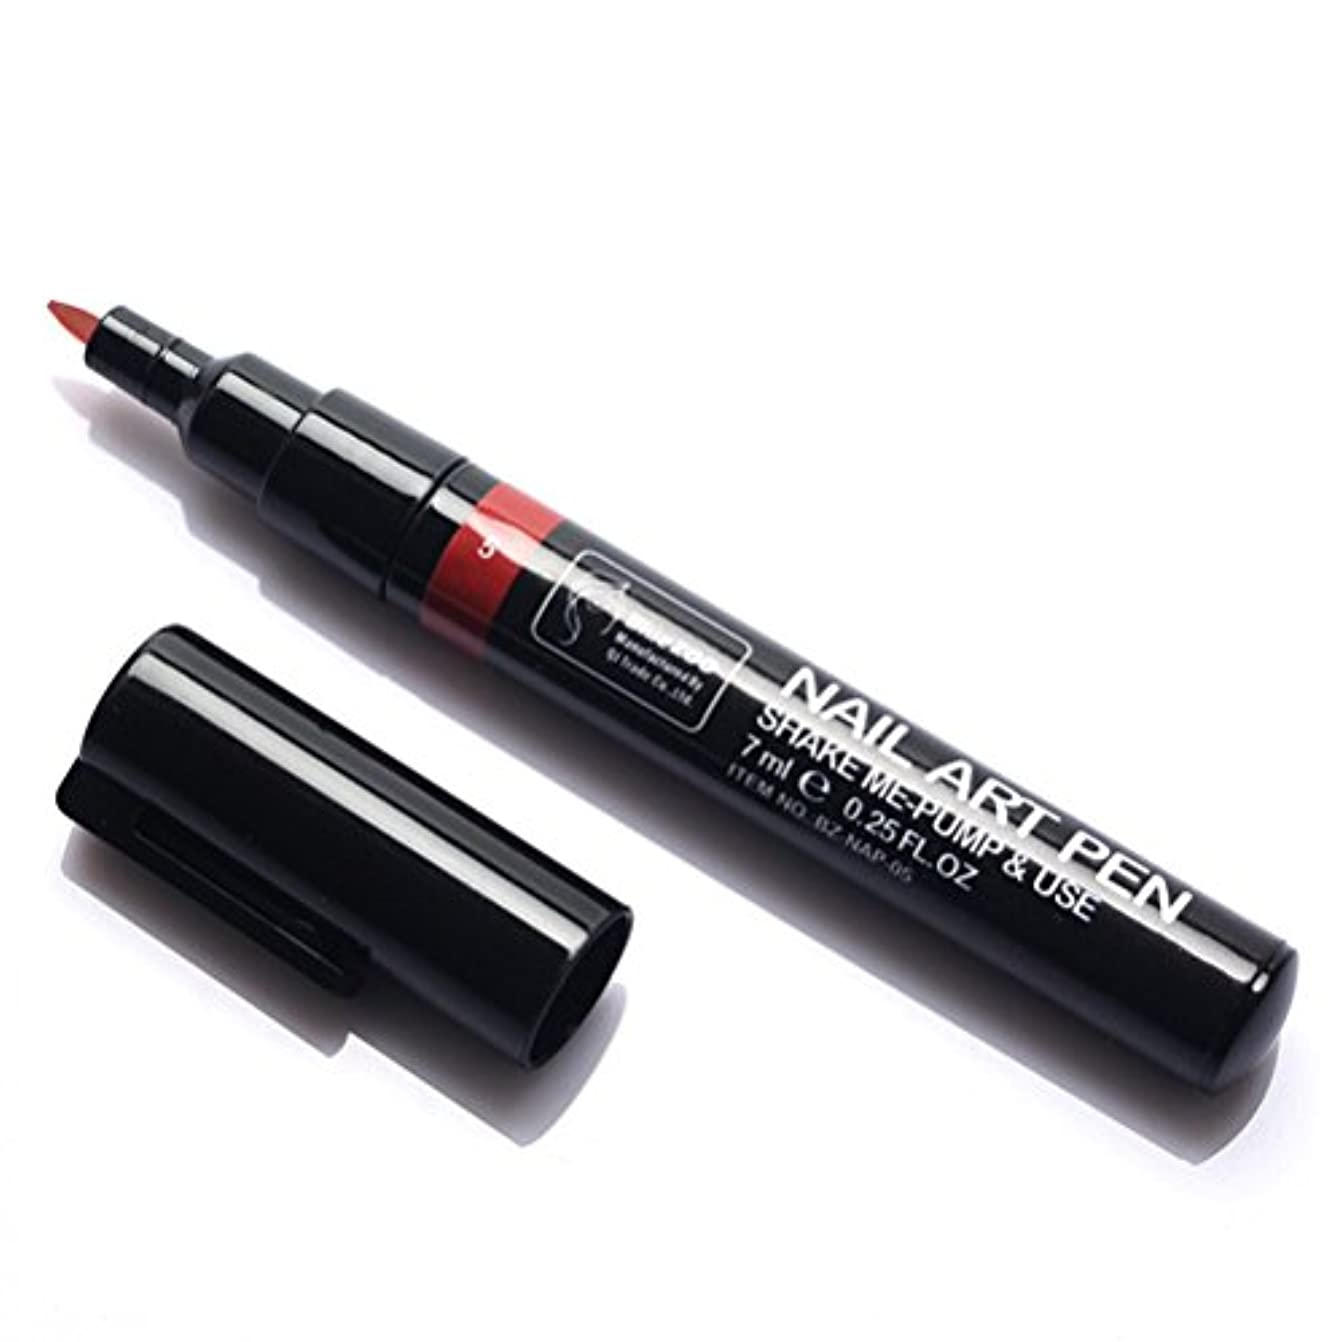 ロマンス側溝キャリア(メイクアップエーシーシー) MakeupAcc カラーネイルアートペン 3Dネイルペン ネイルアートペン ネイルマニキュア液 ペイントペン ペイント 両用 DIY 16色 (赤い) [並行輸入品]